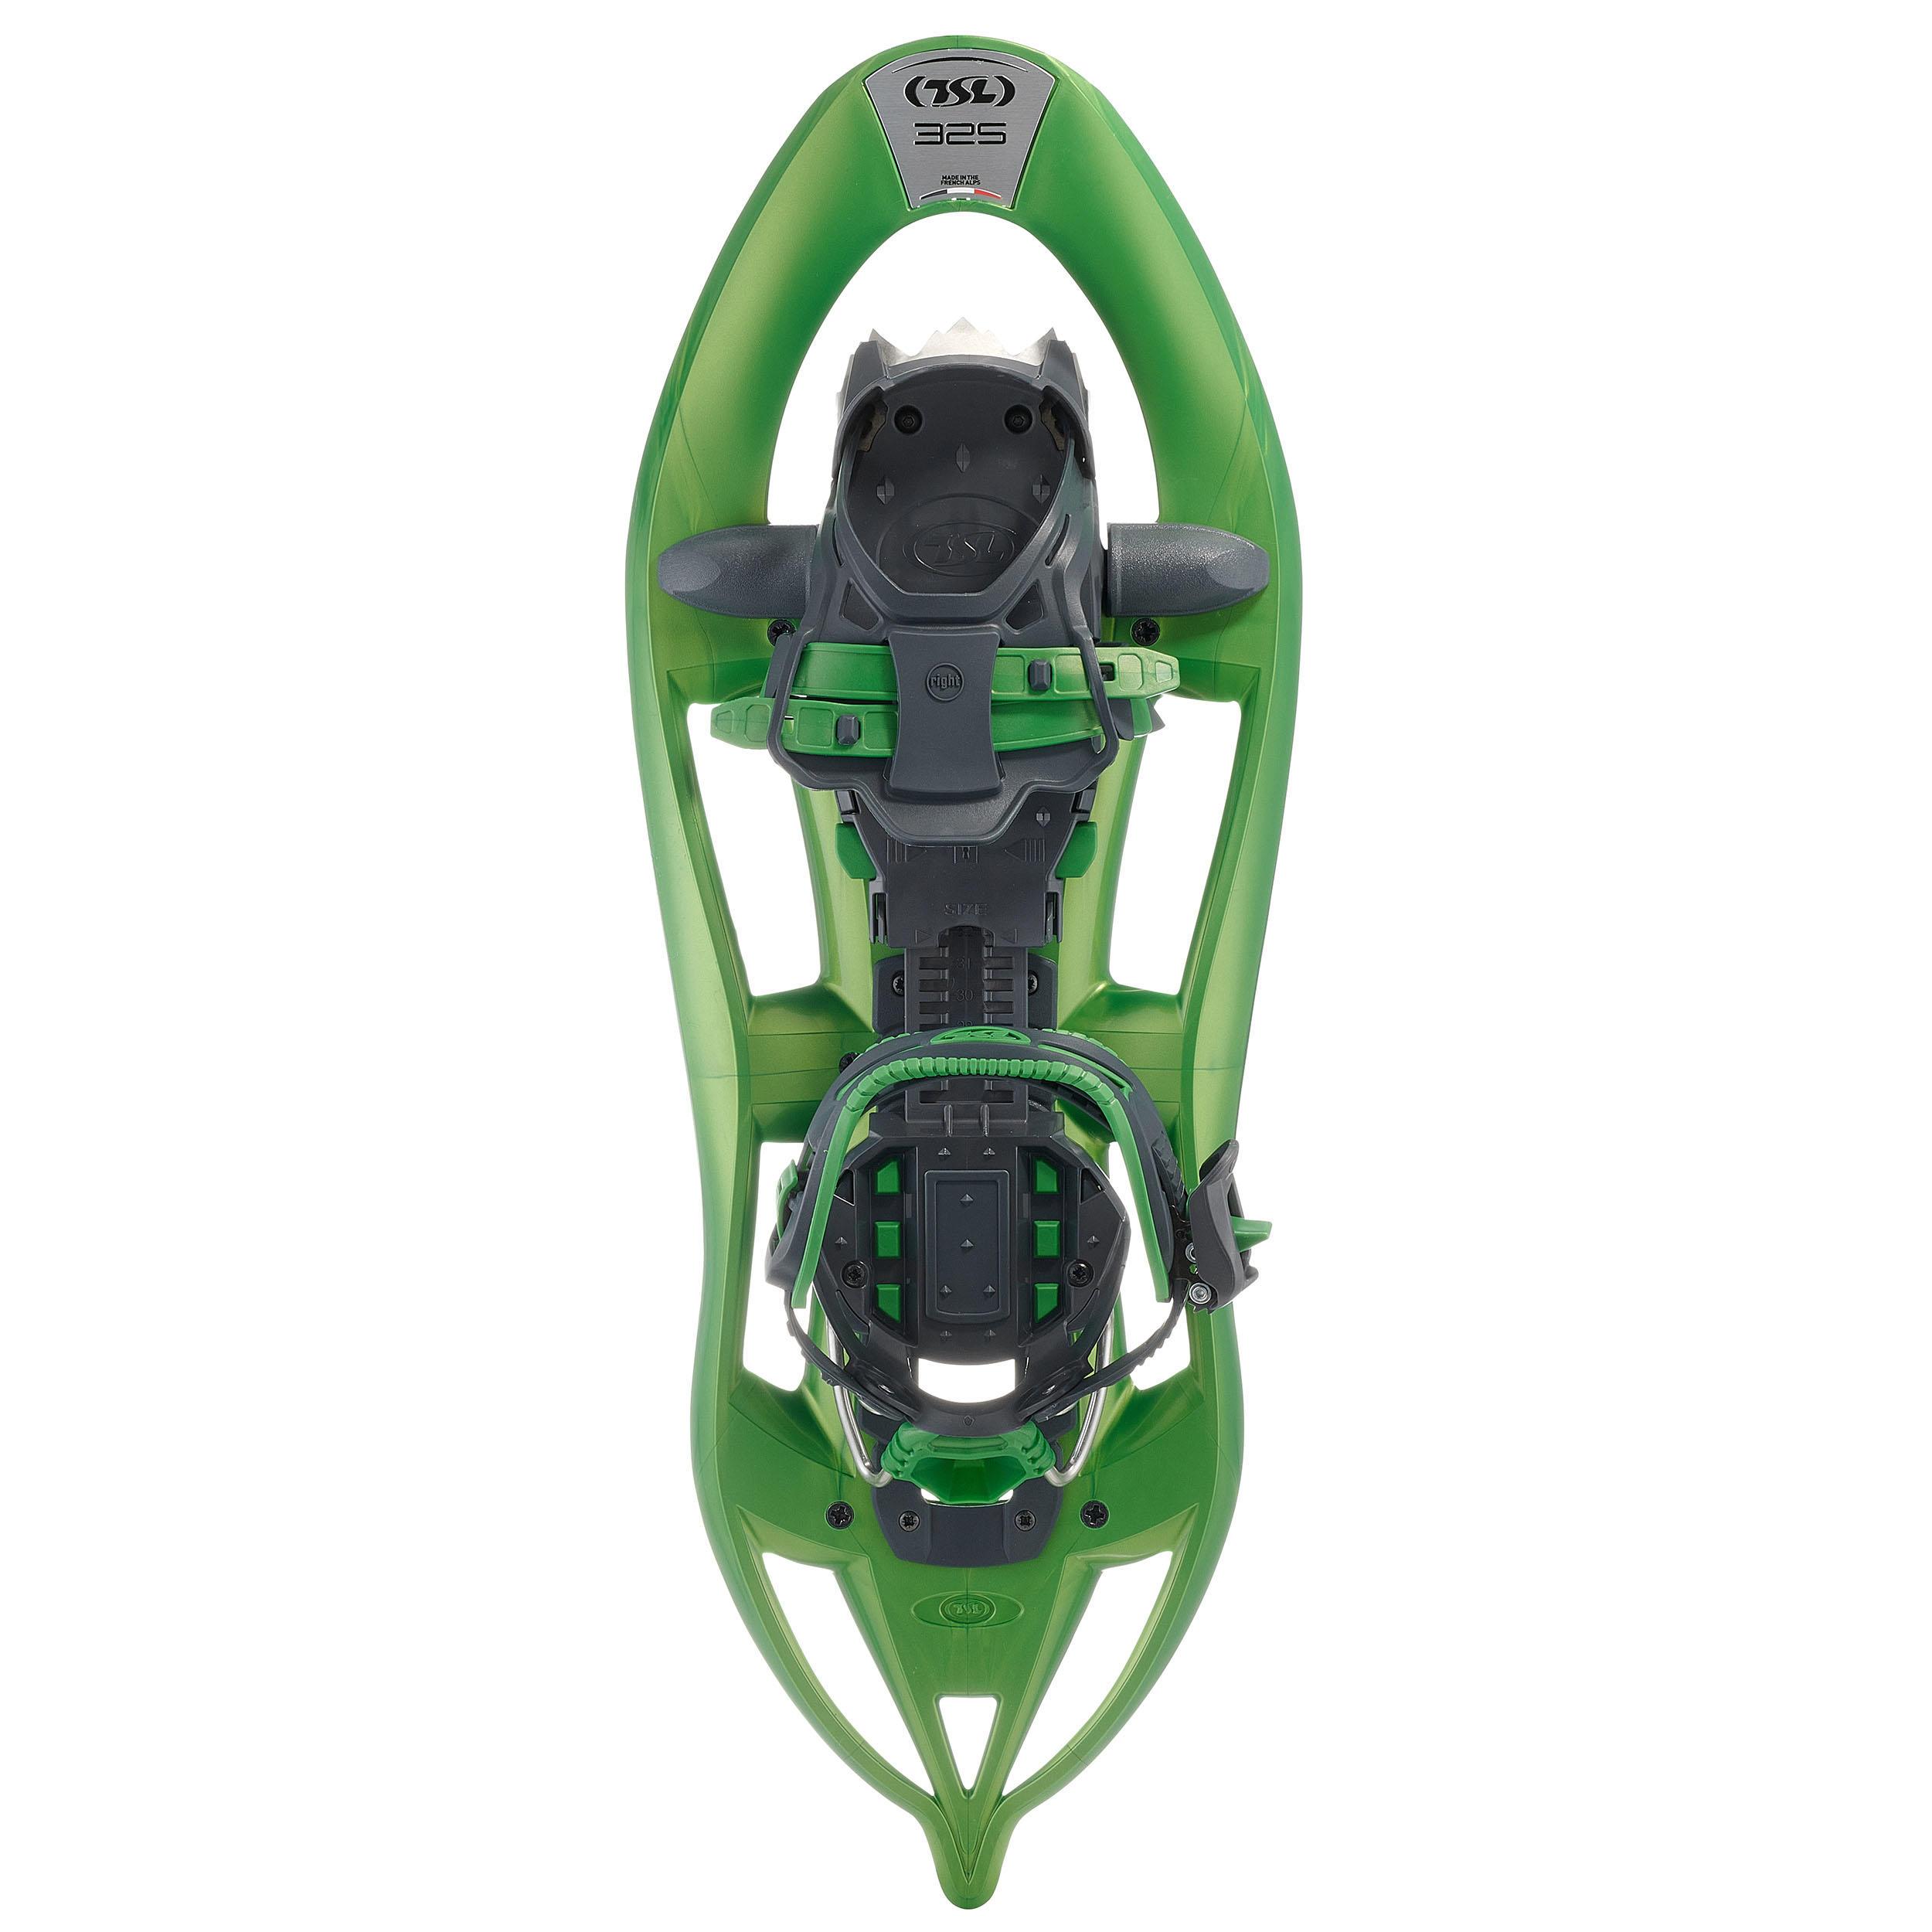 Schneeschuhe 325 Ride großer Rahmen grün | Schuhe > Sportschuhe > Schneeschuhe | TSL